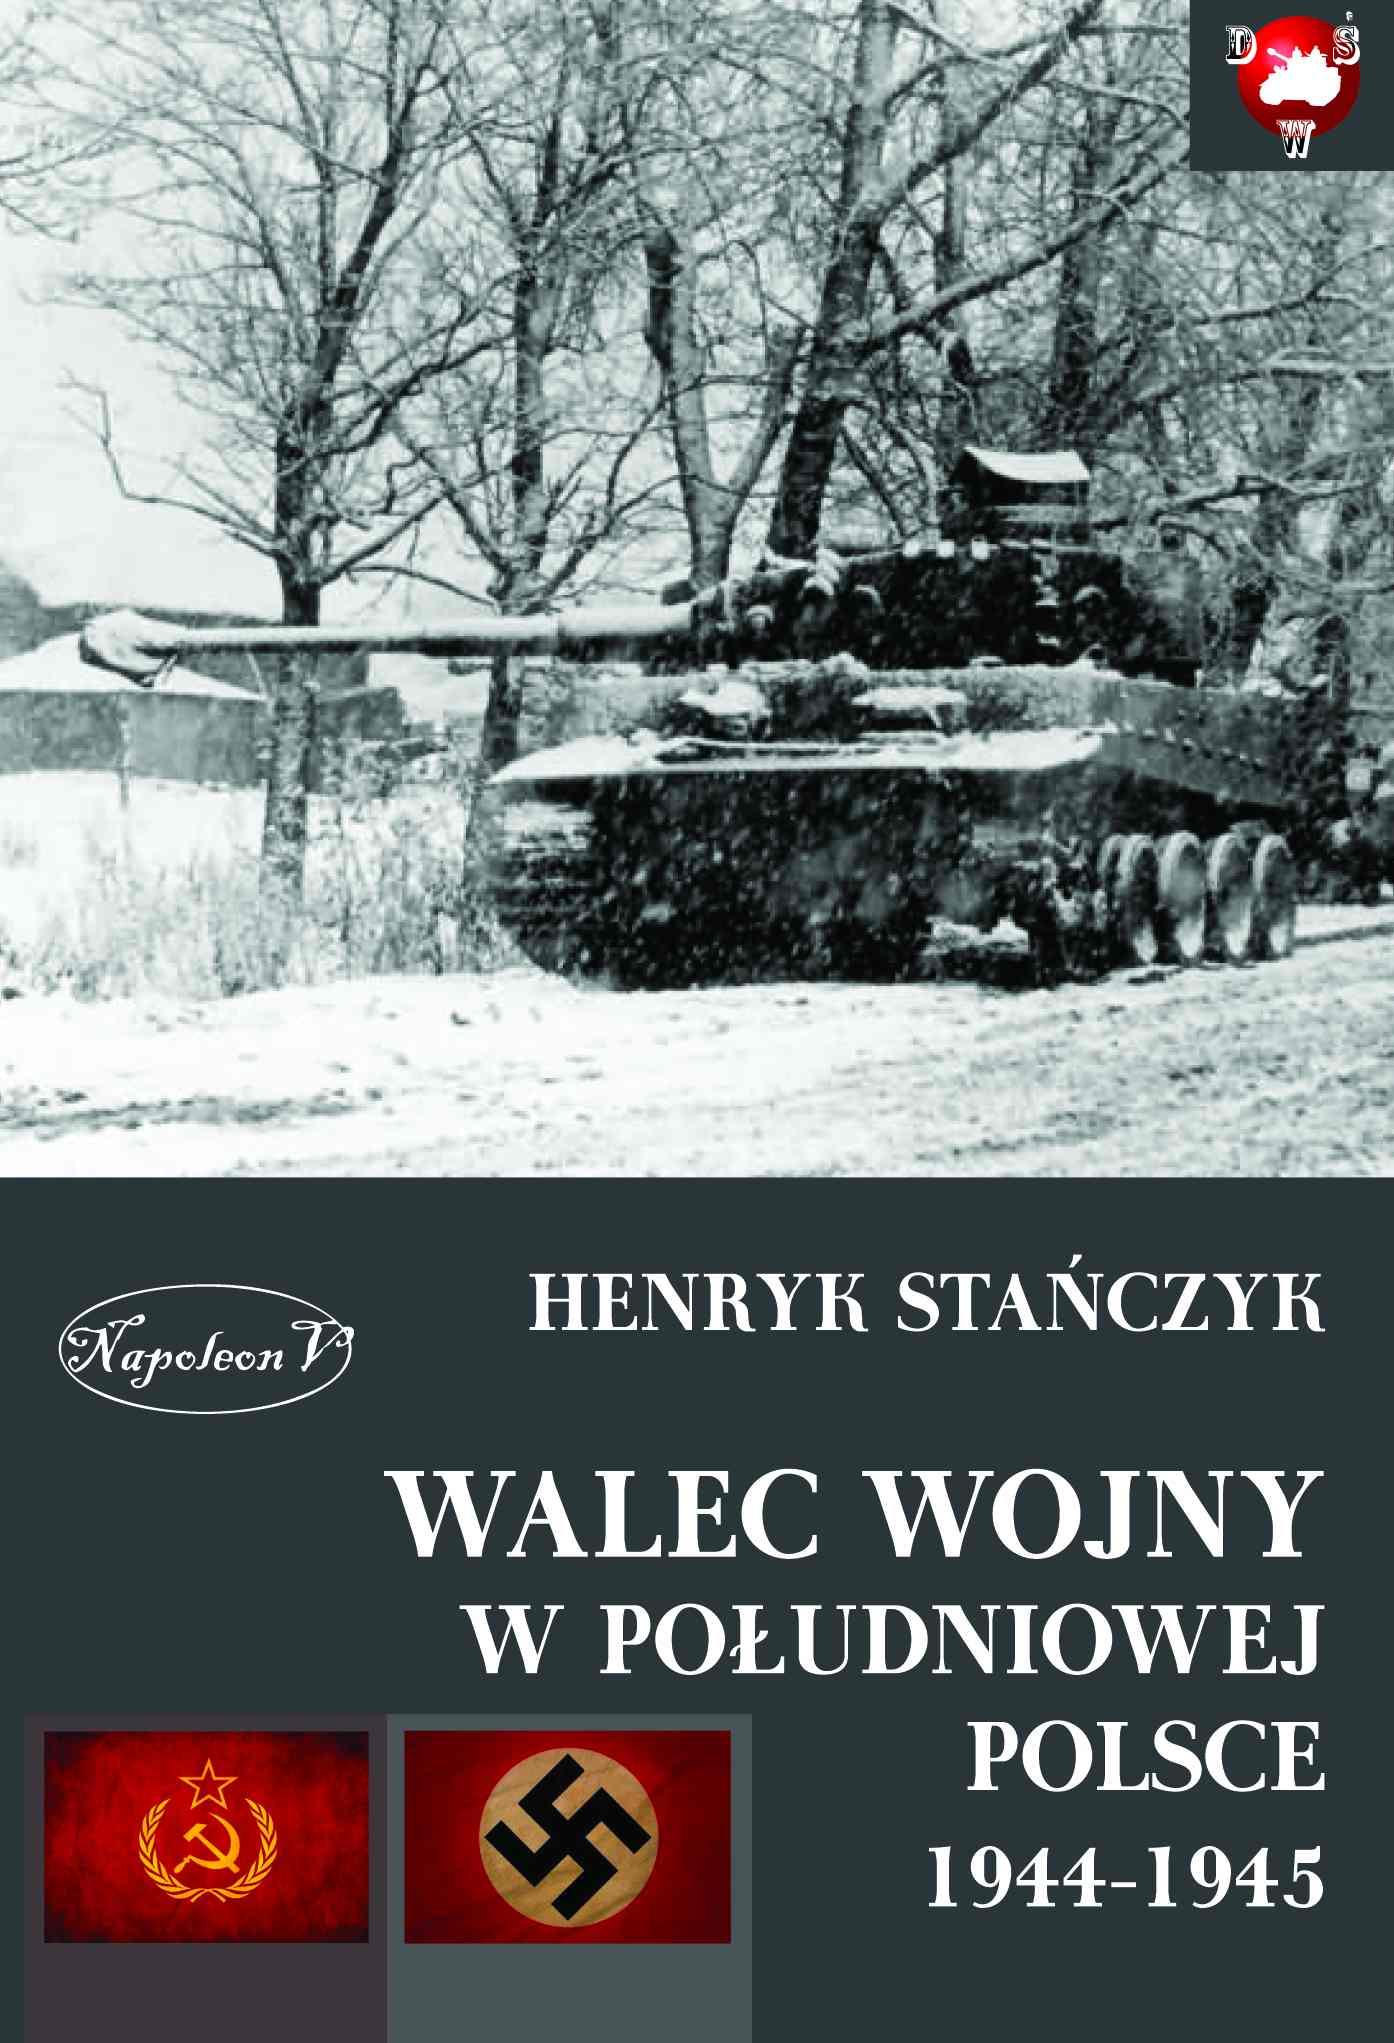 Walec wojny w południowej Polsce 1944-1945 - Ebook (Książka EPUB) do pobrania w formacie EPUB